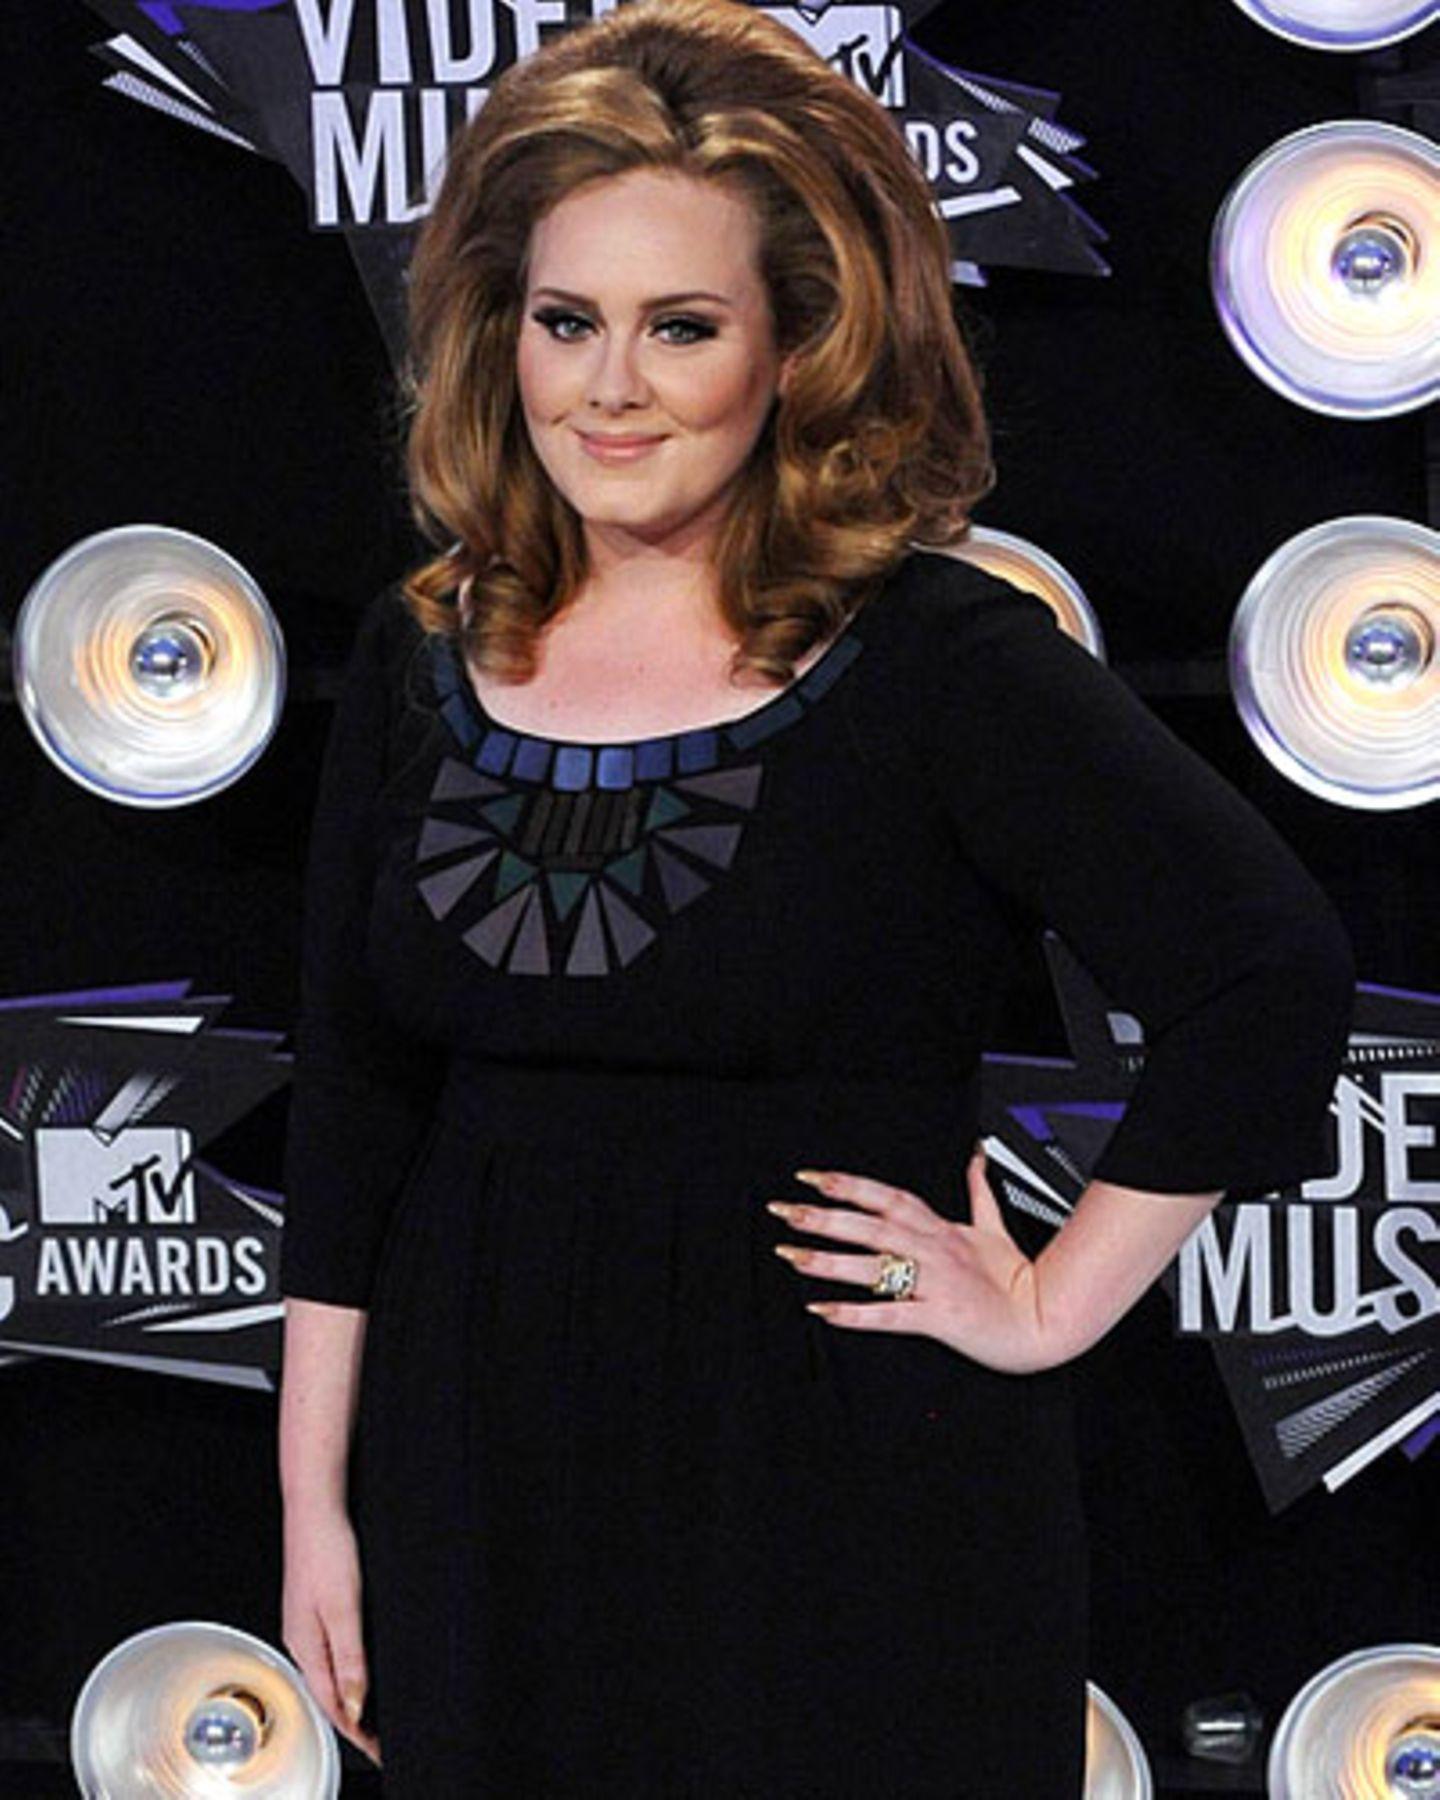 Karl über Adele